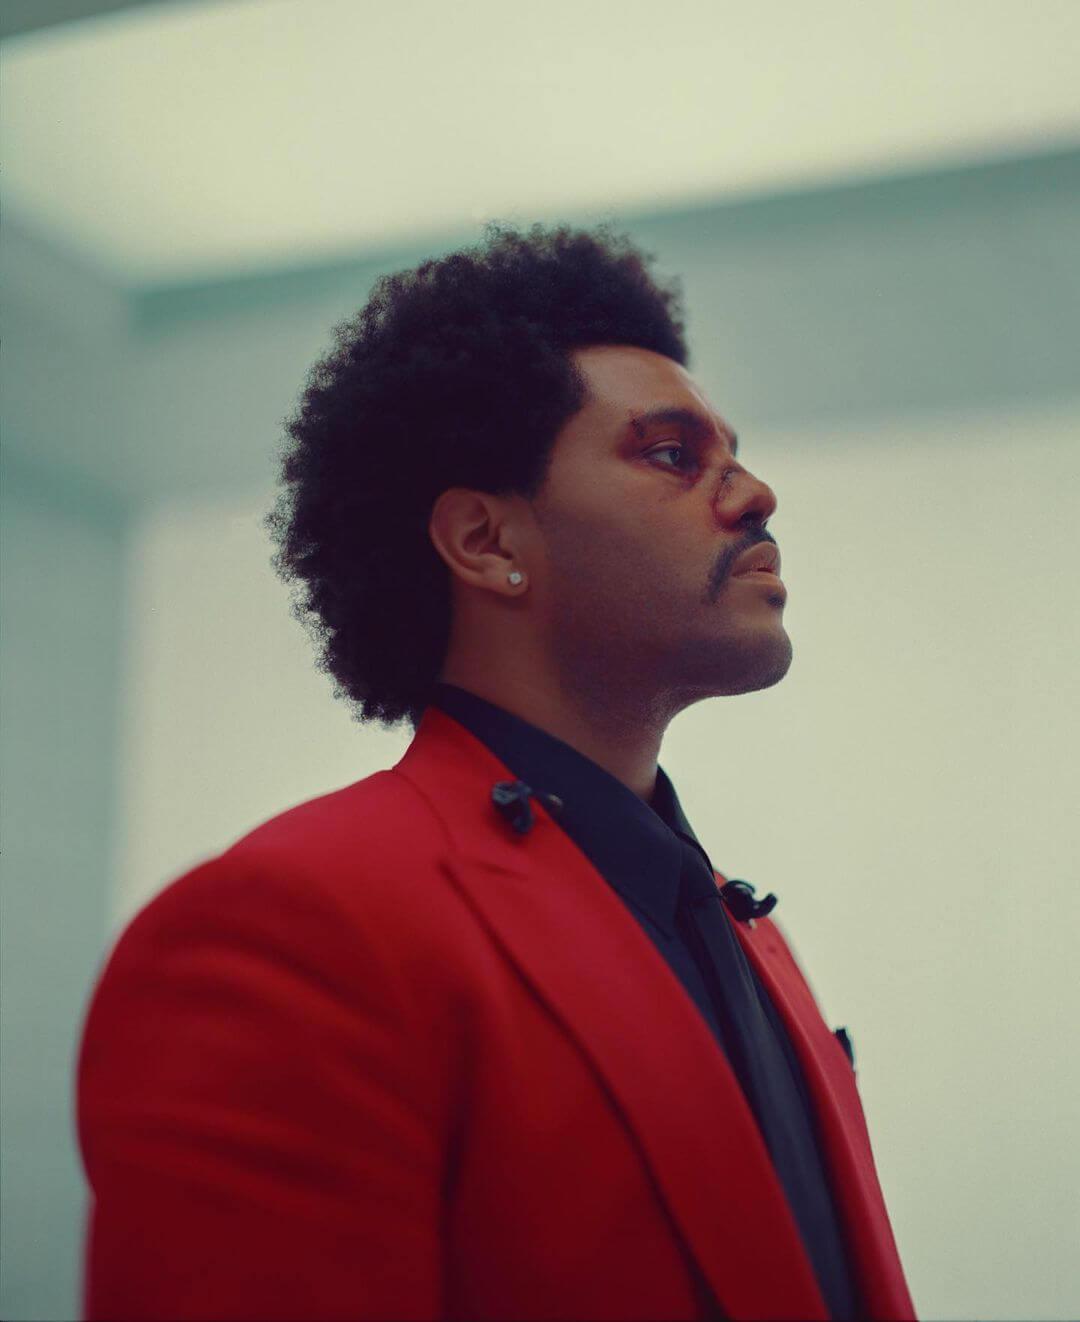 8 lanzamientos recientes que debes escuchar: The Weeknd + My Bloody Valentine + Dinosaur Jr. y más